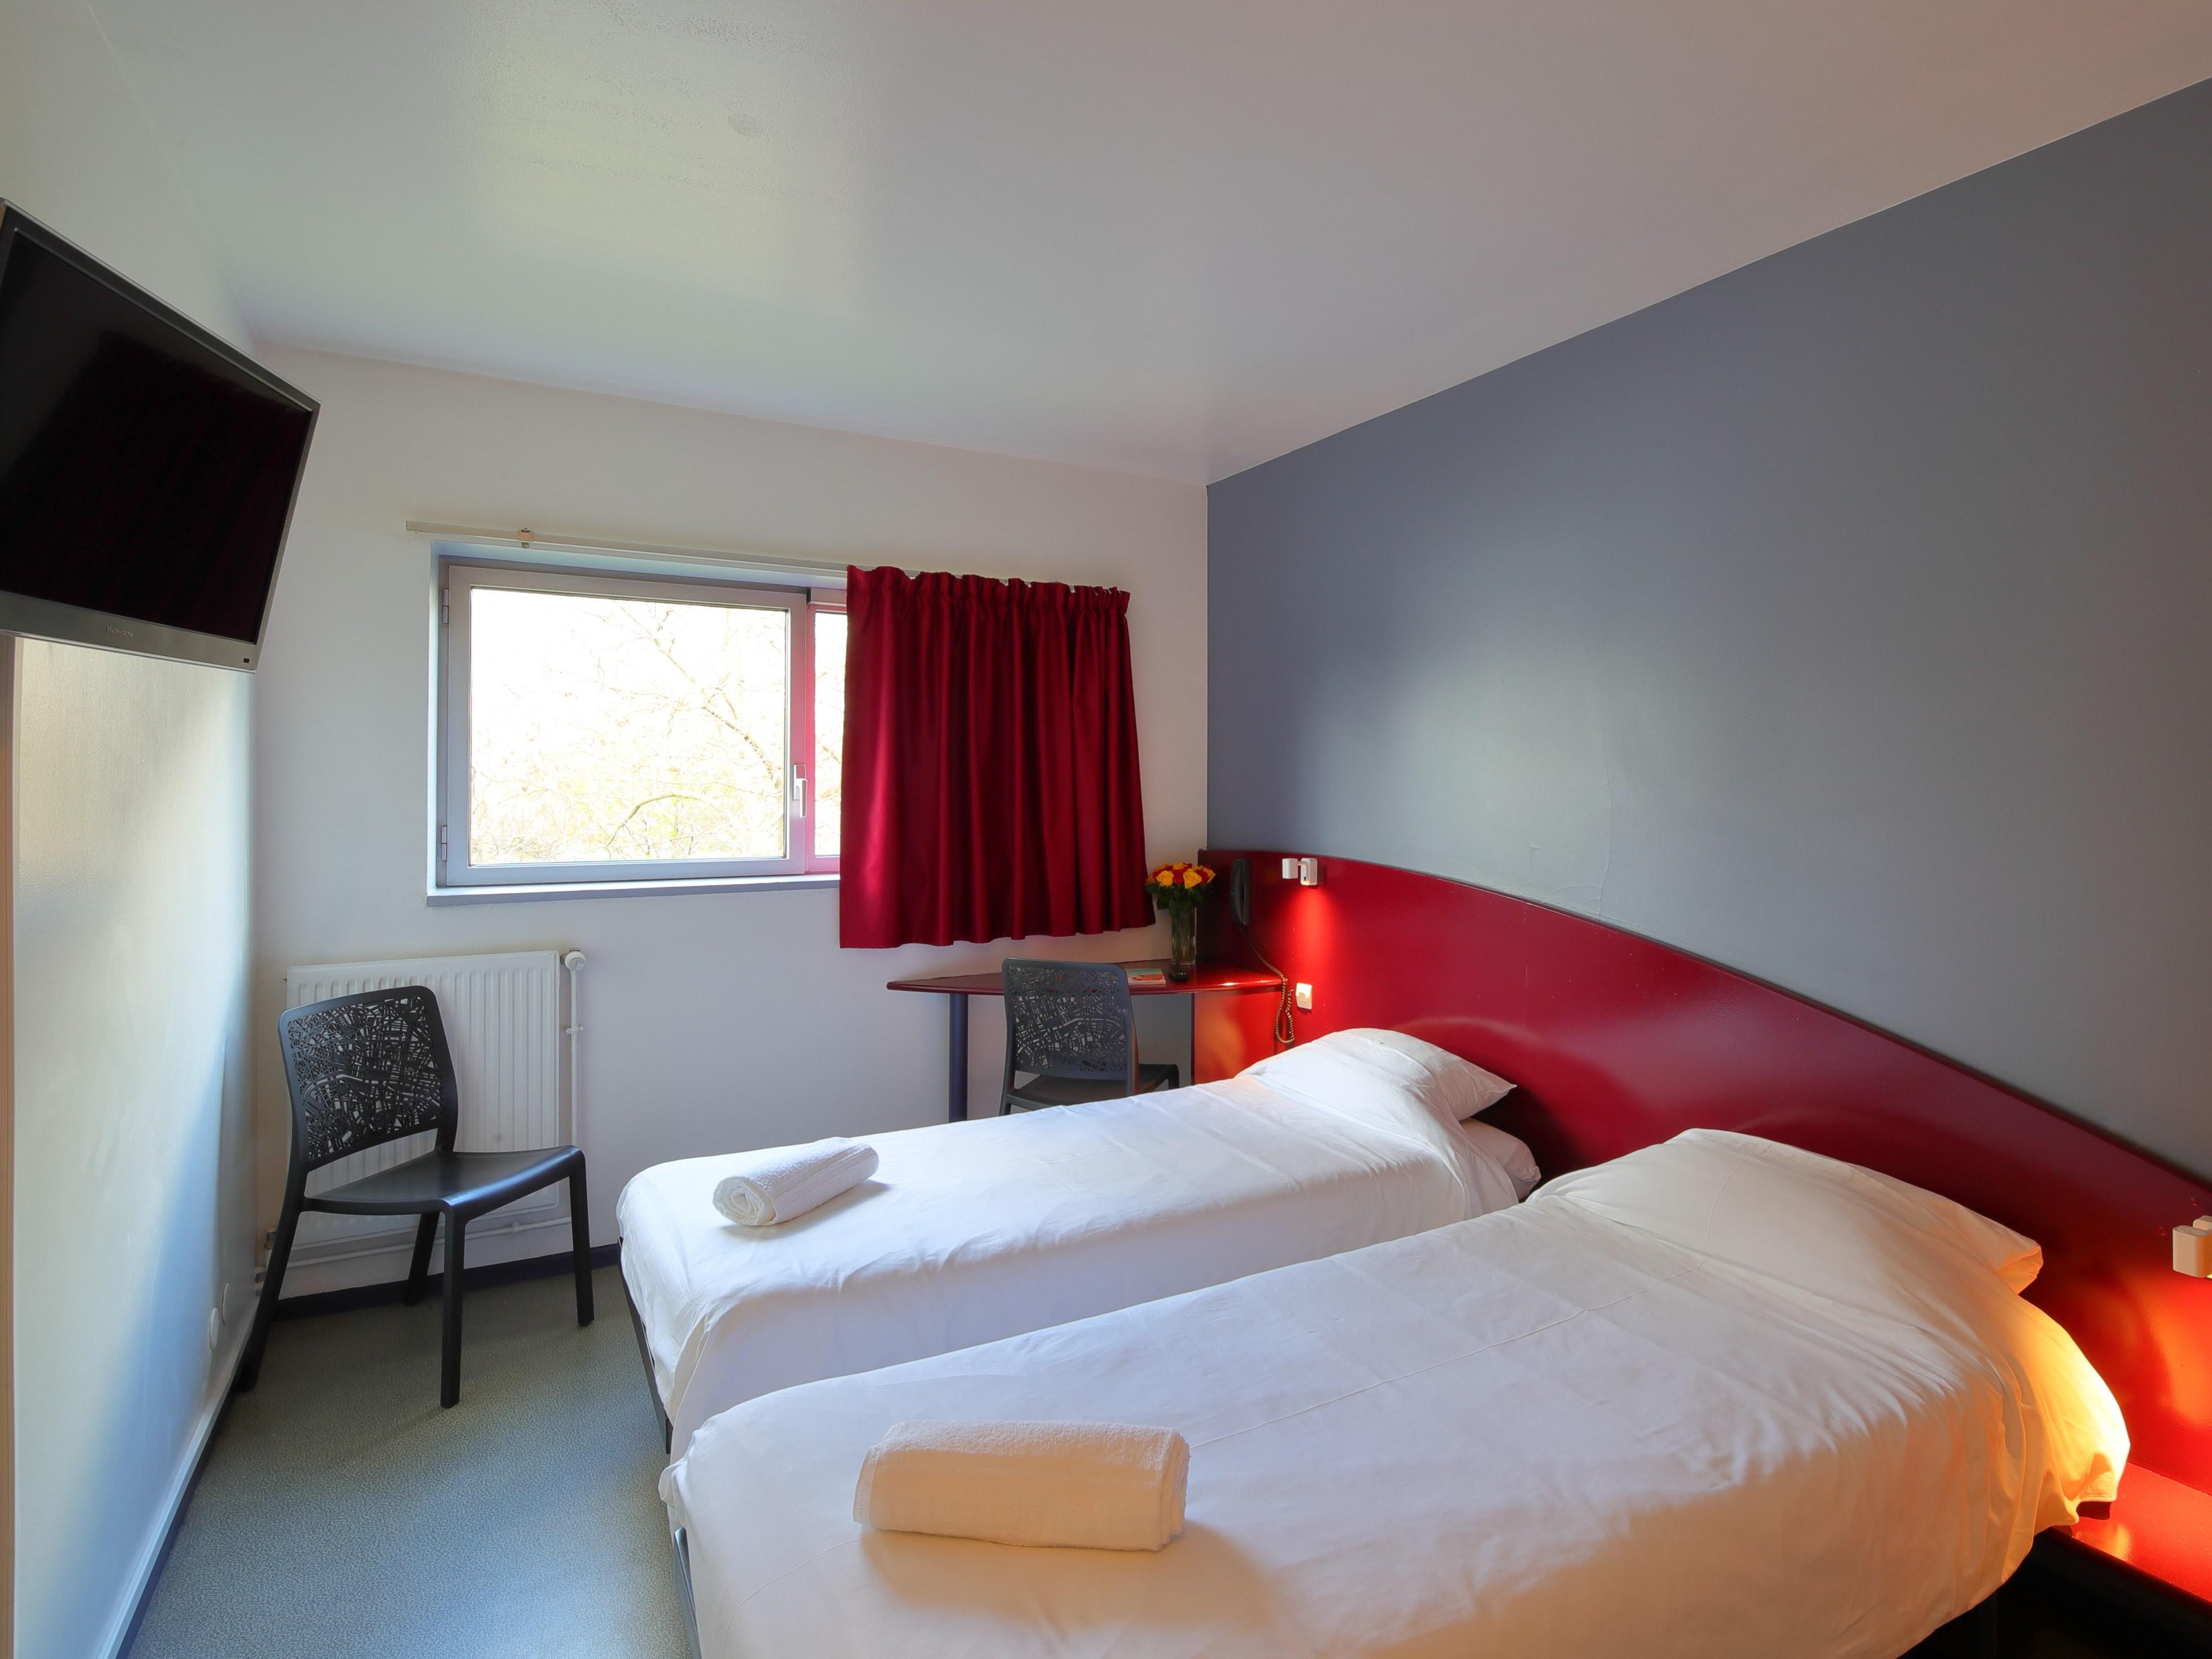 hotel-paris-13-avec-parking-chambre-lit-twin